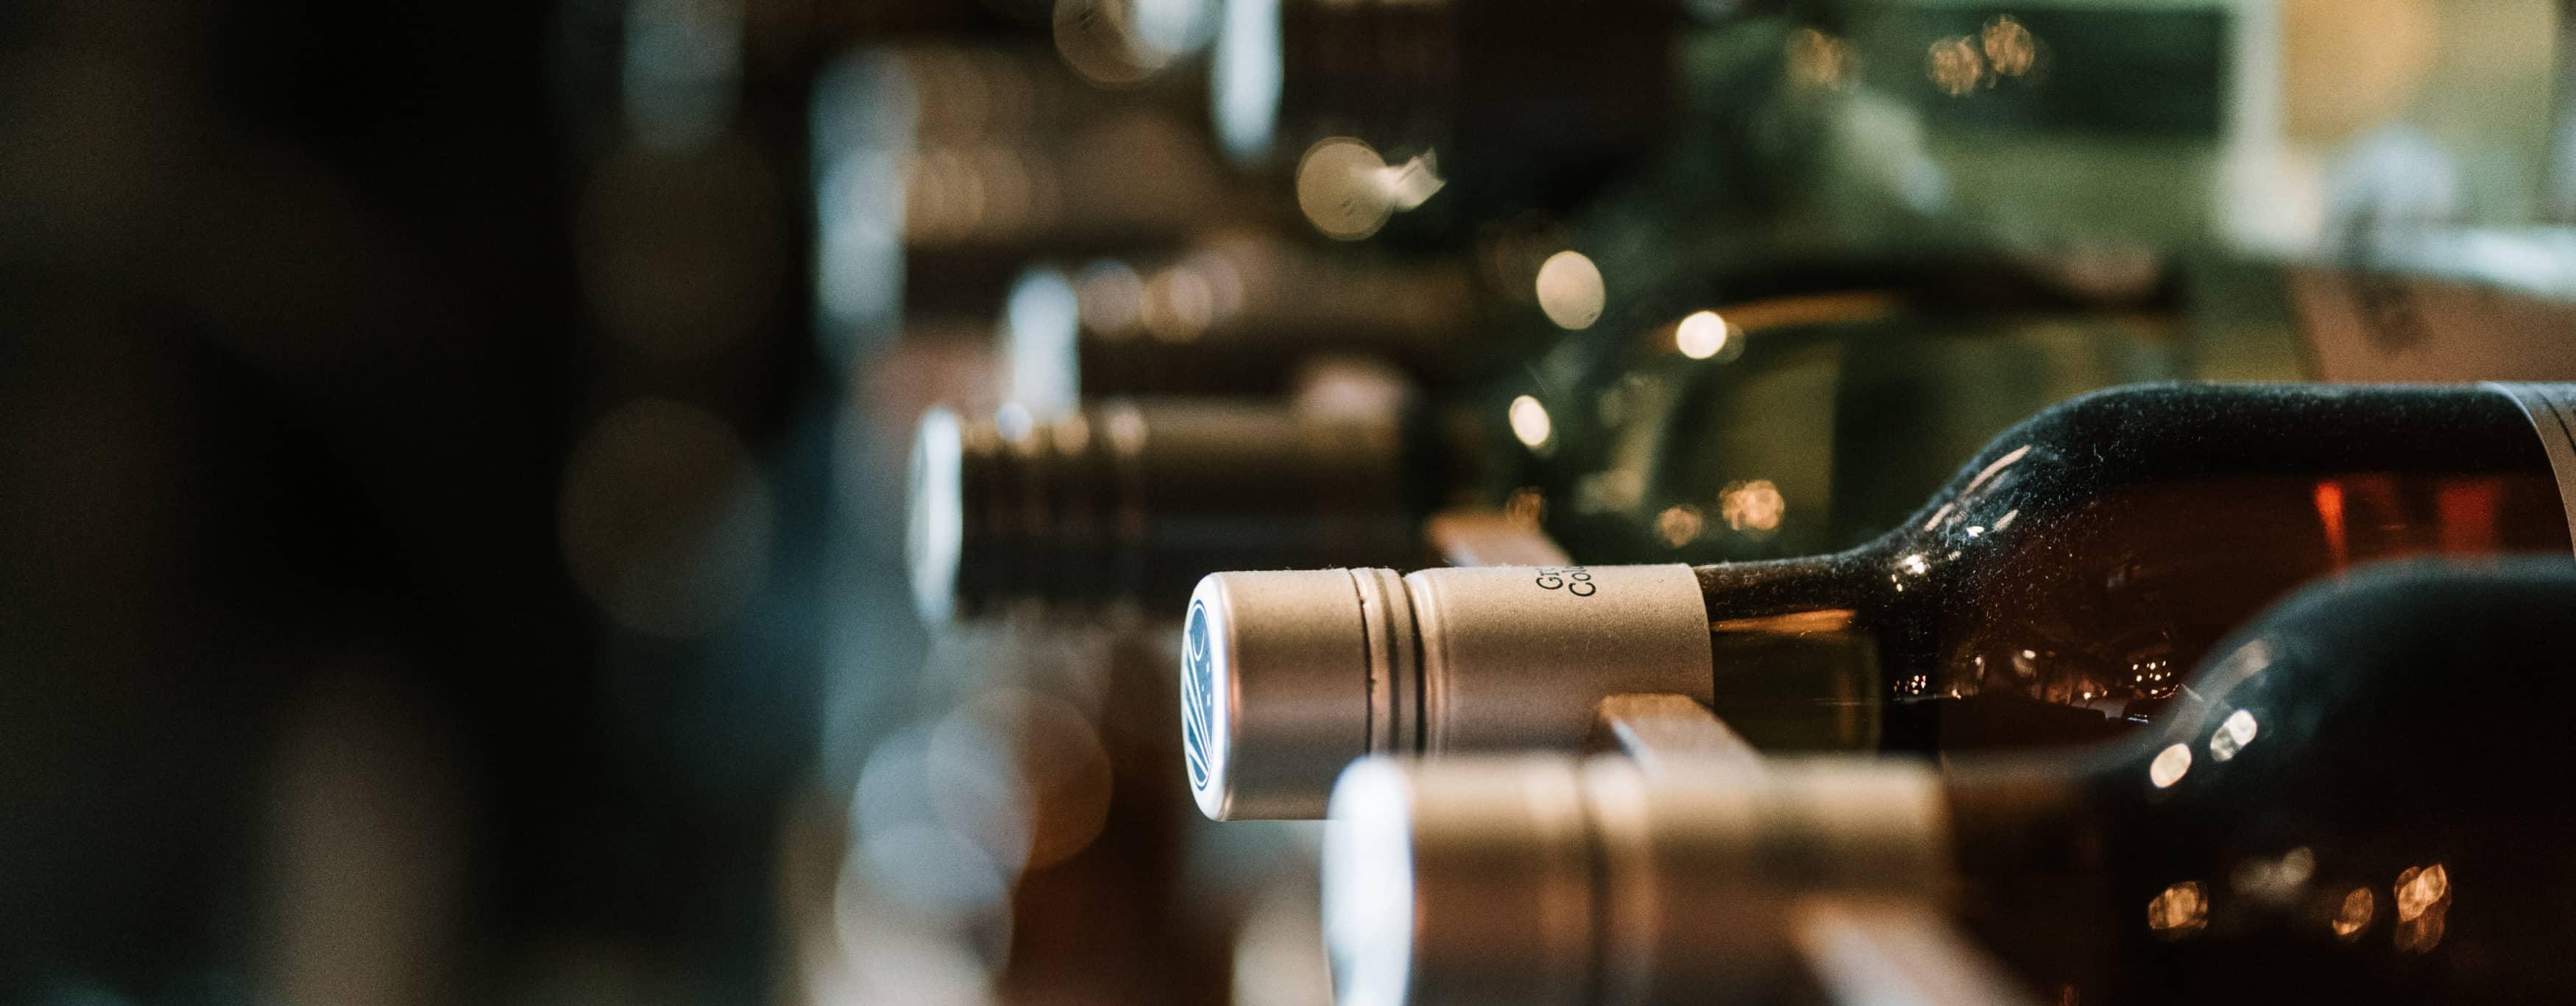 Tannico vini è la nuova applicazione che funge da enoteca virtuale.